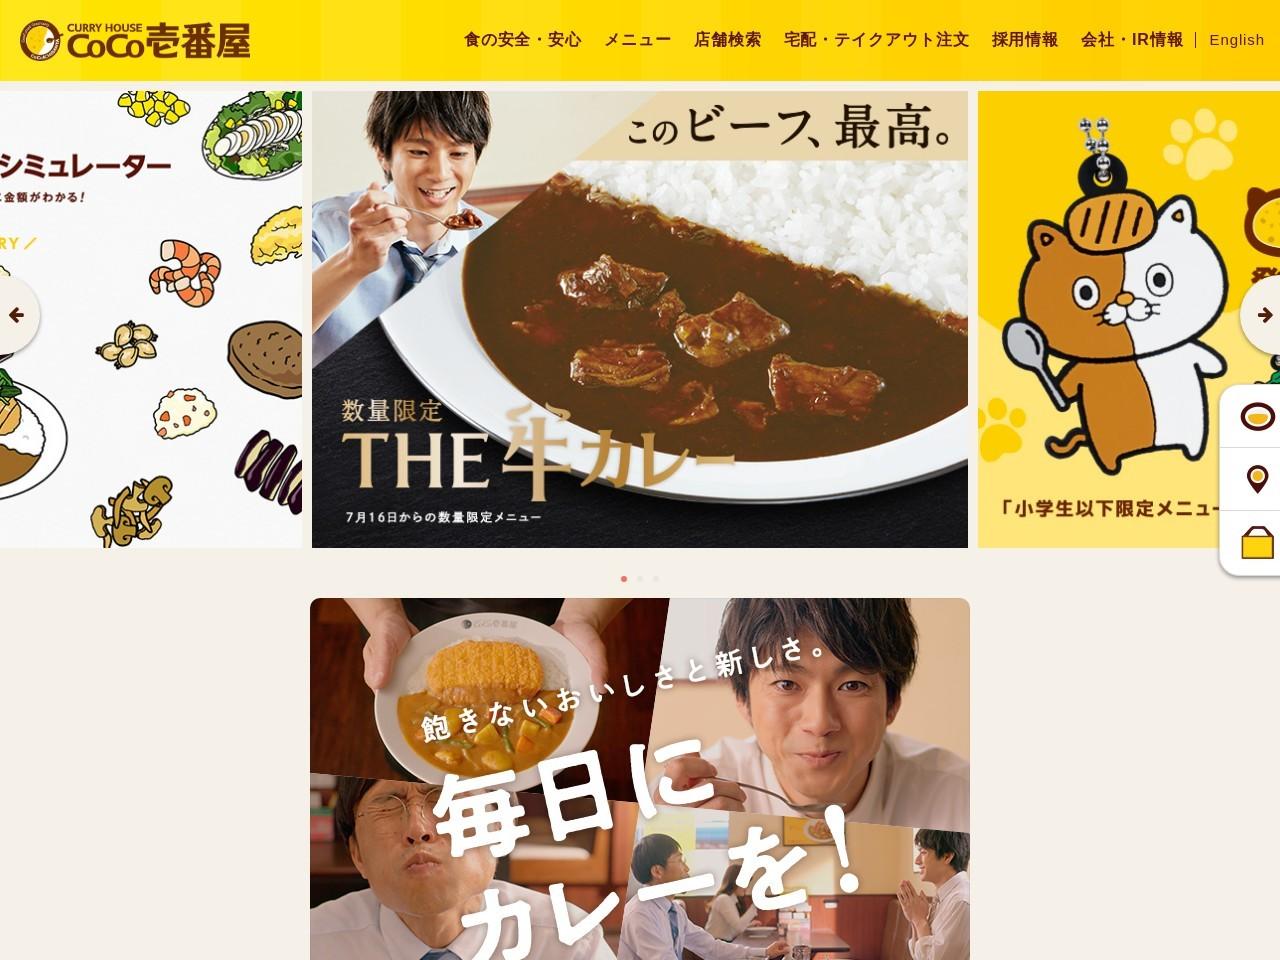 カレーハウスCOCO壱番屋御徒町春日通り店